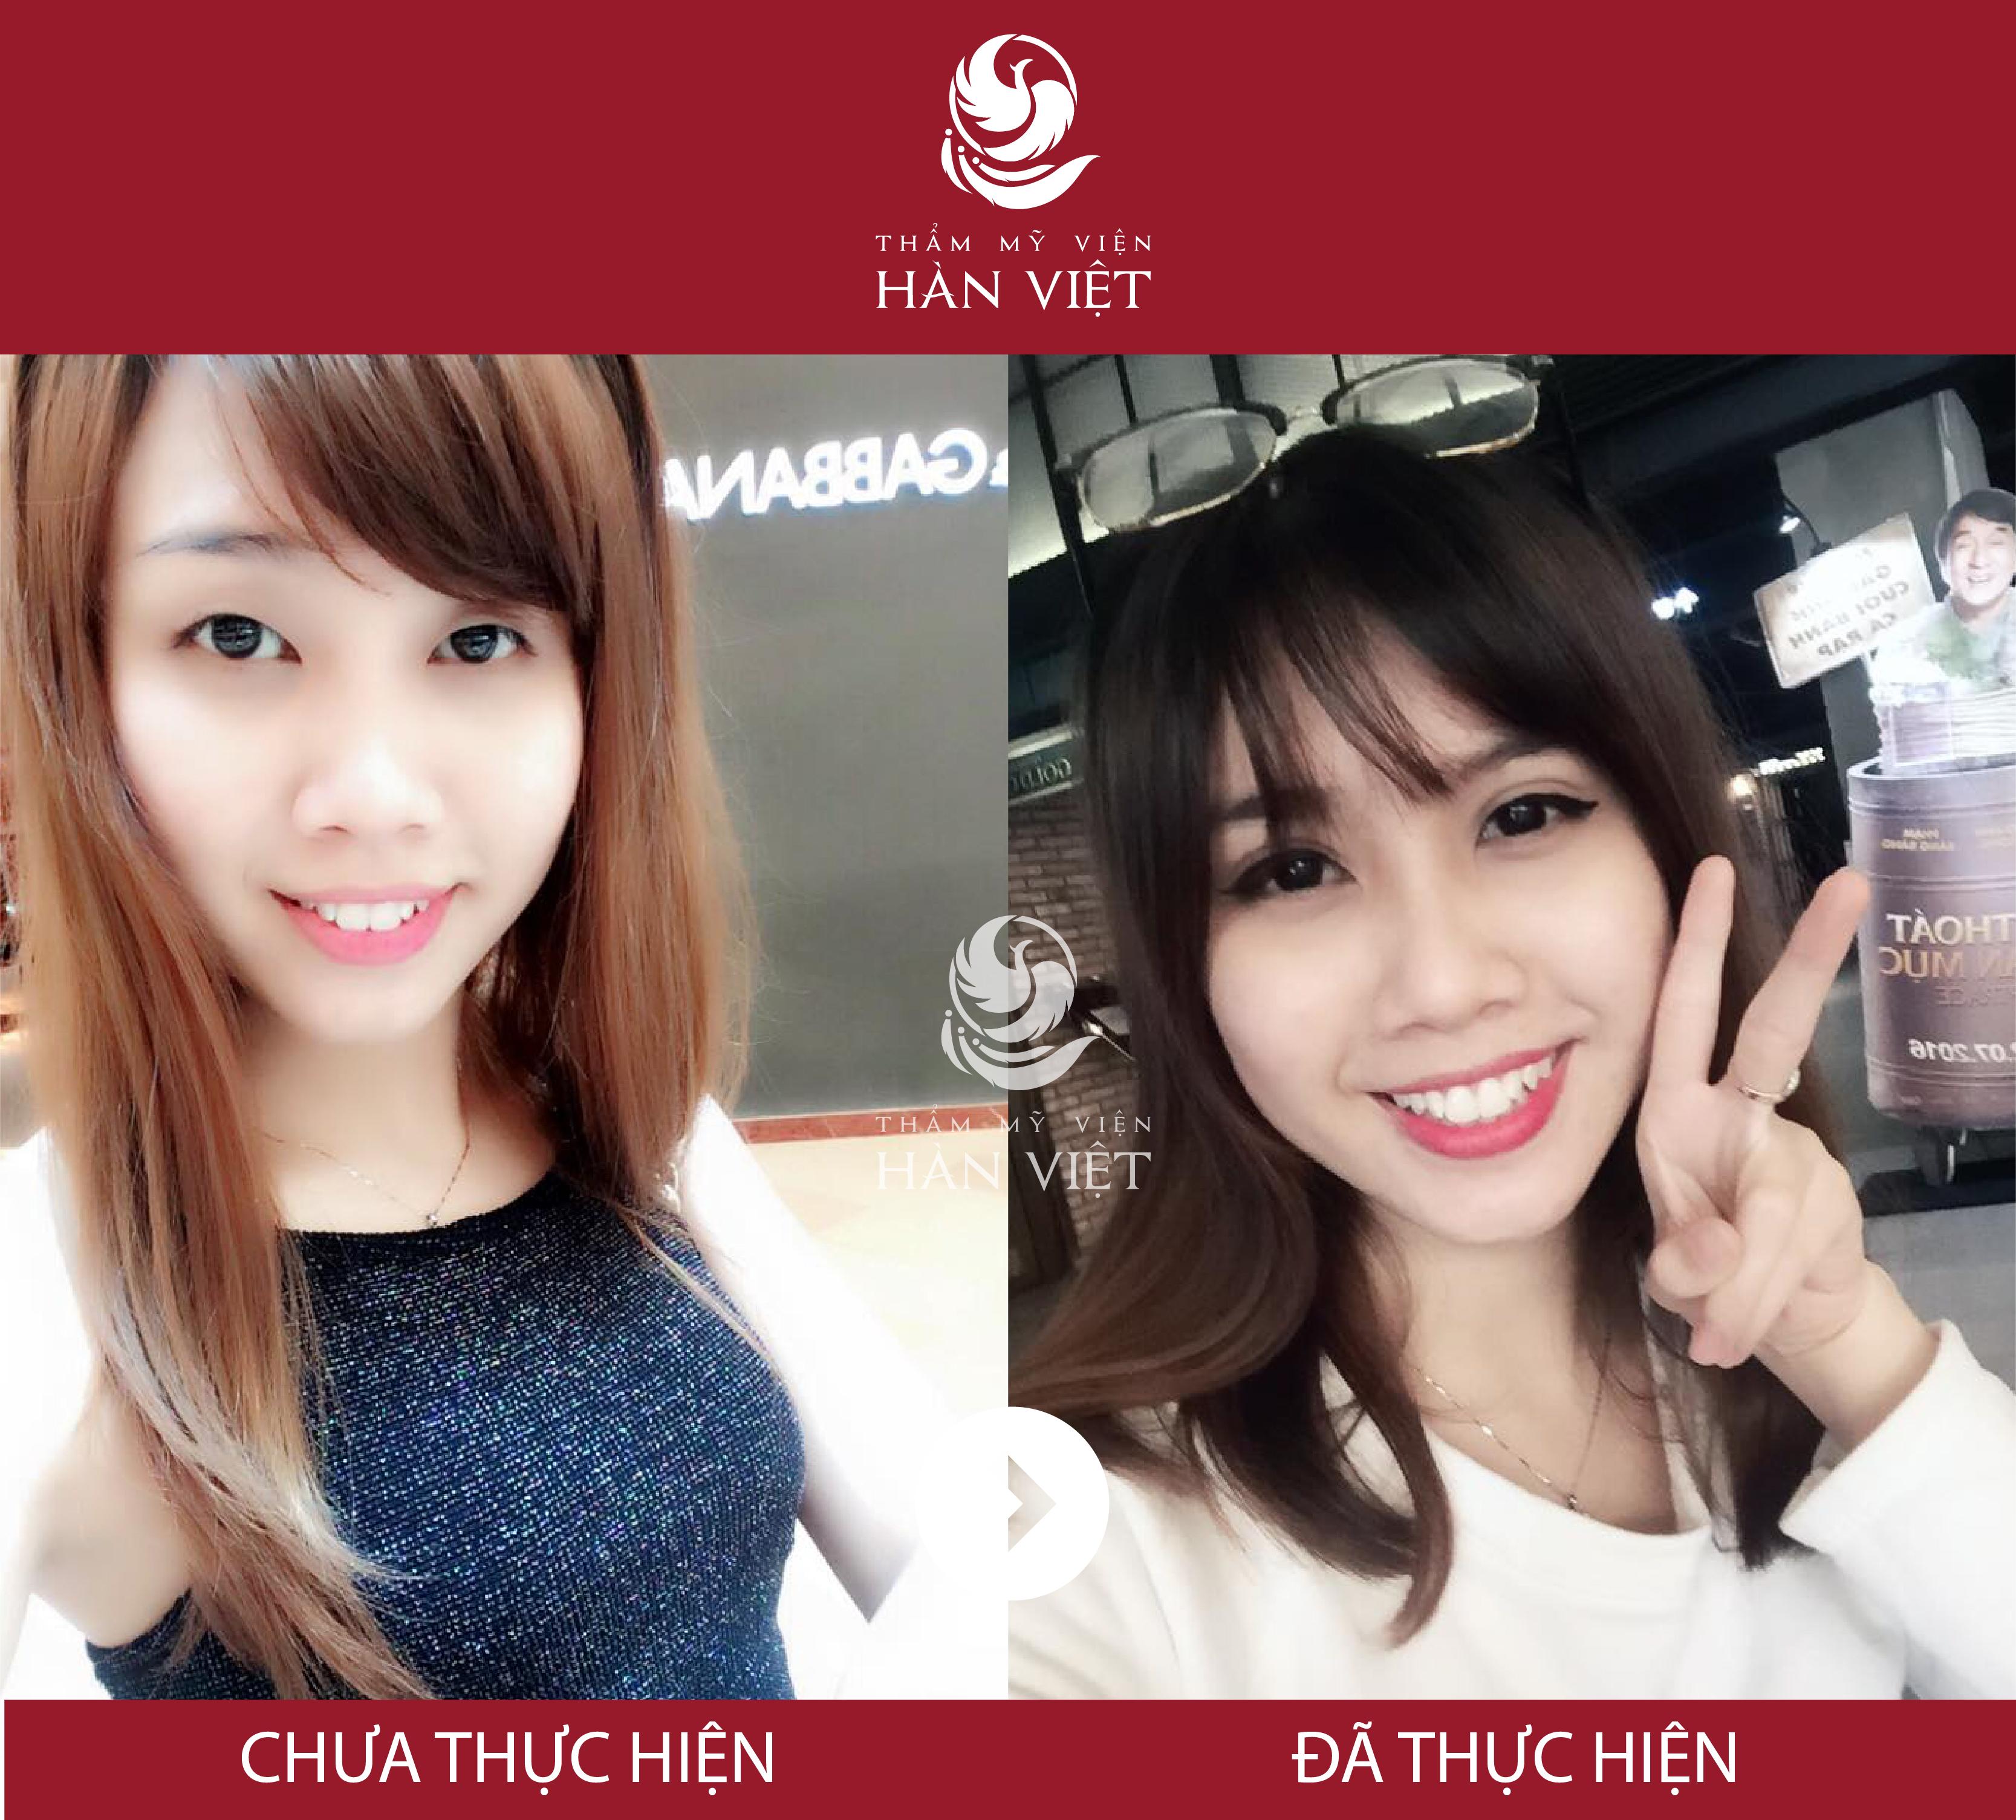 Thẩm mỹ viện Hàn Việt